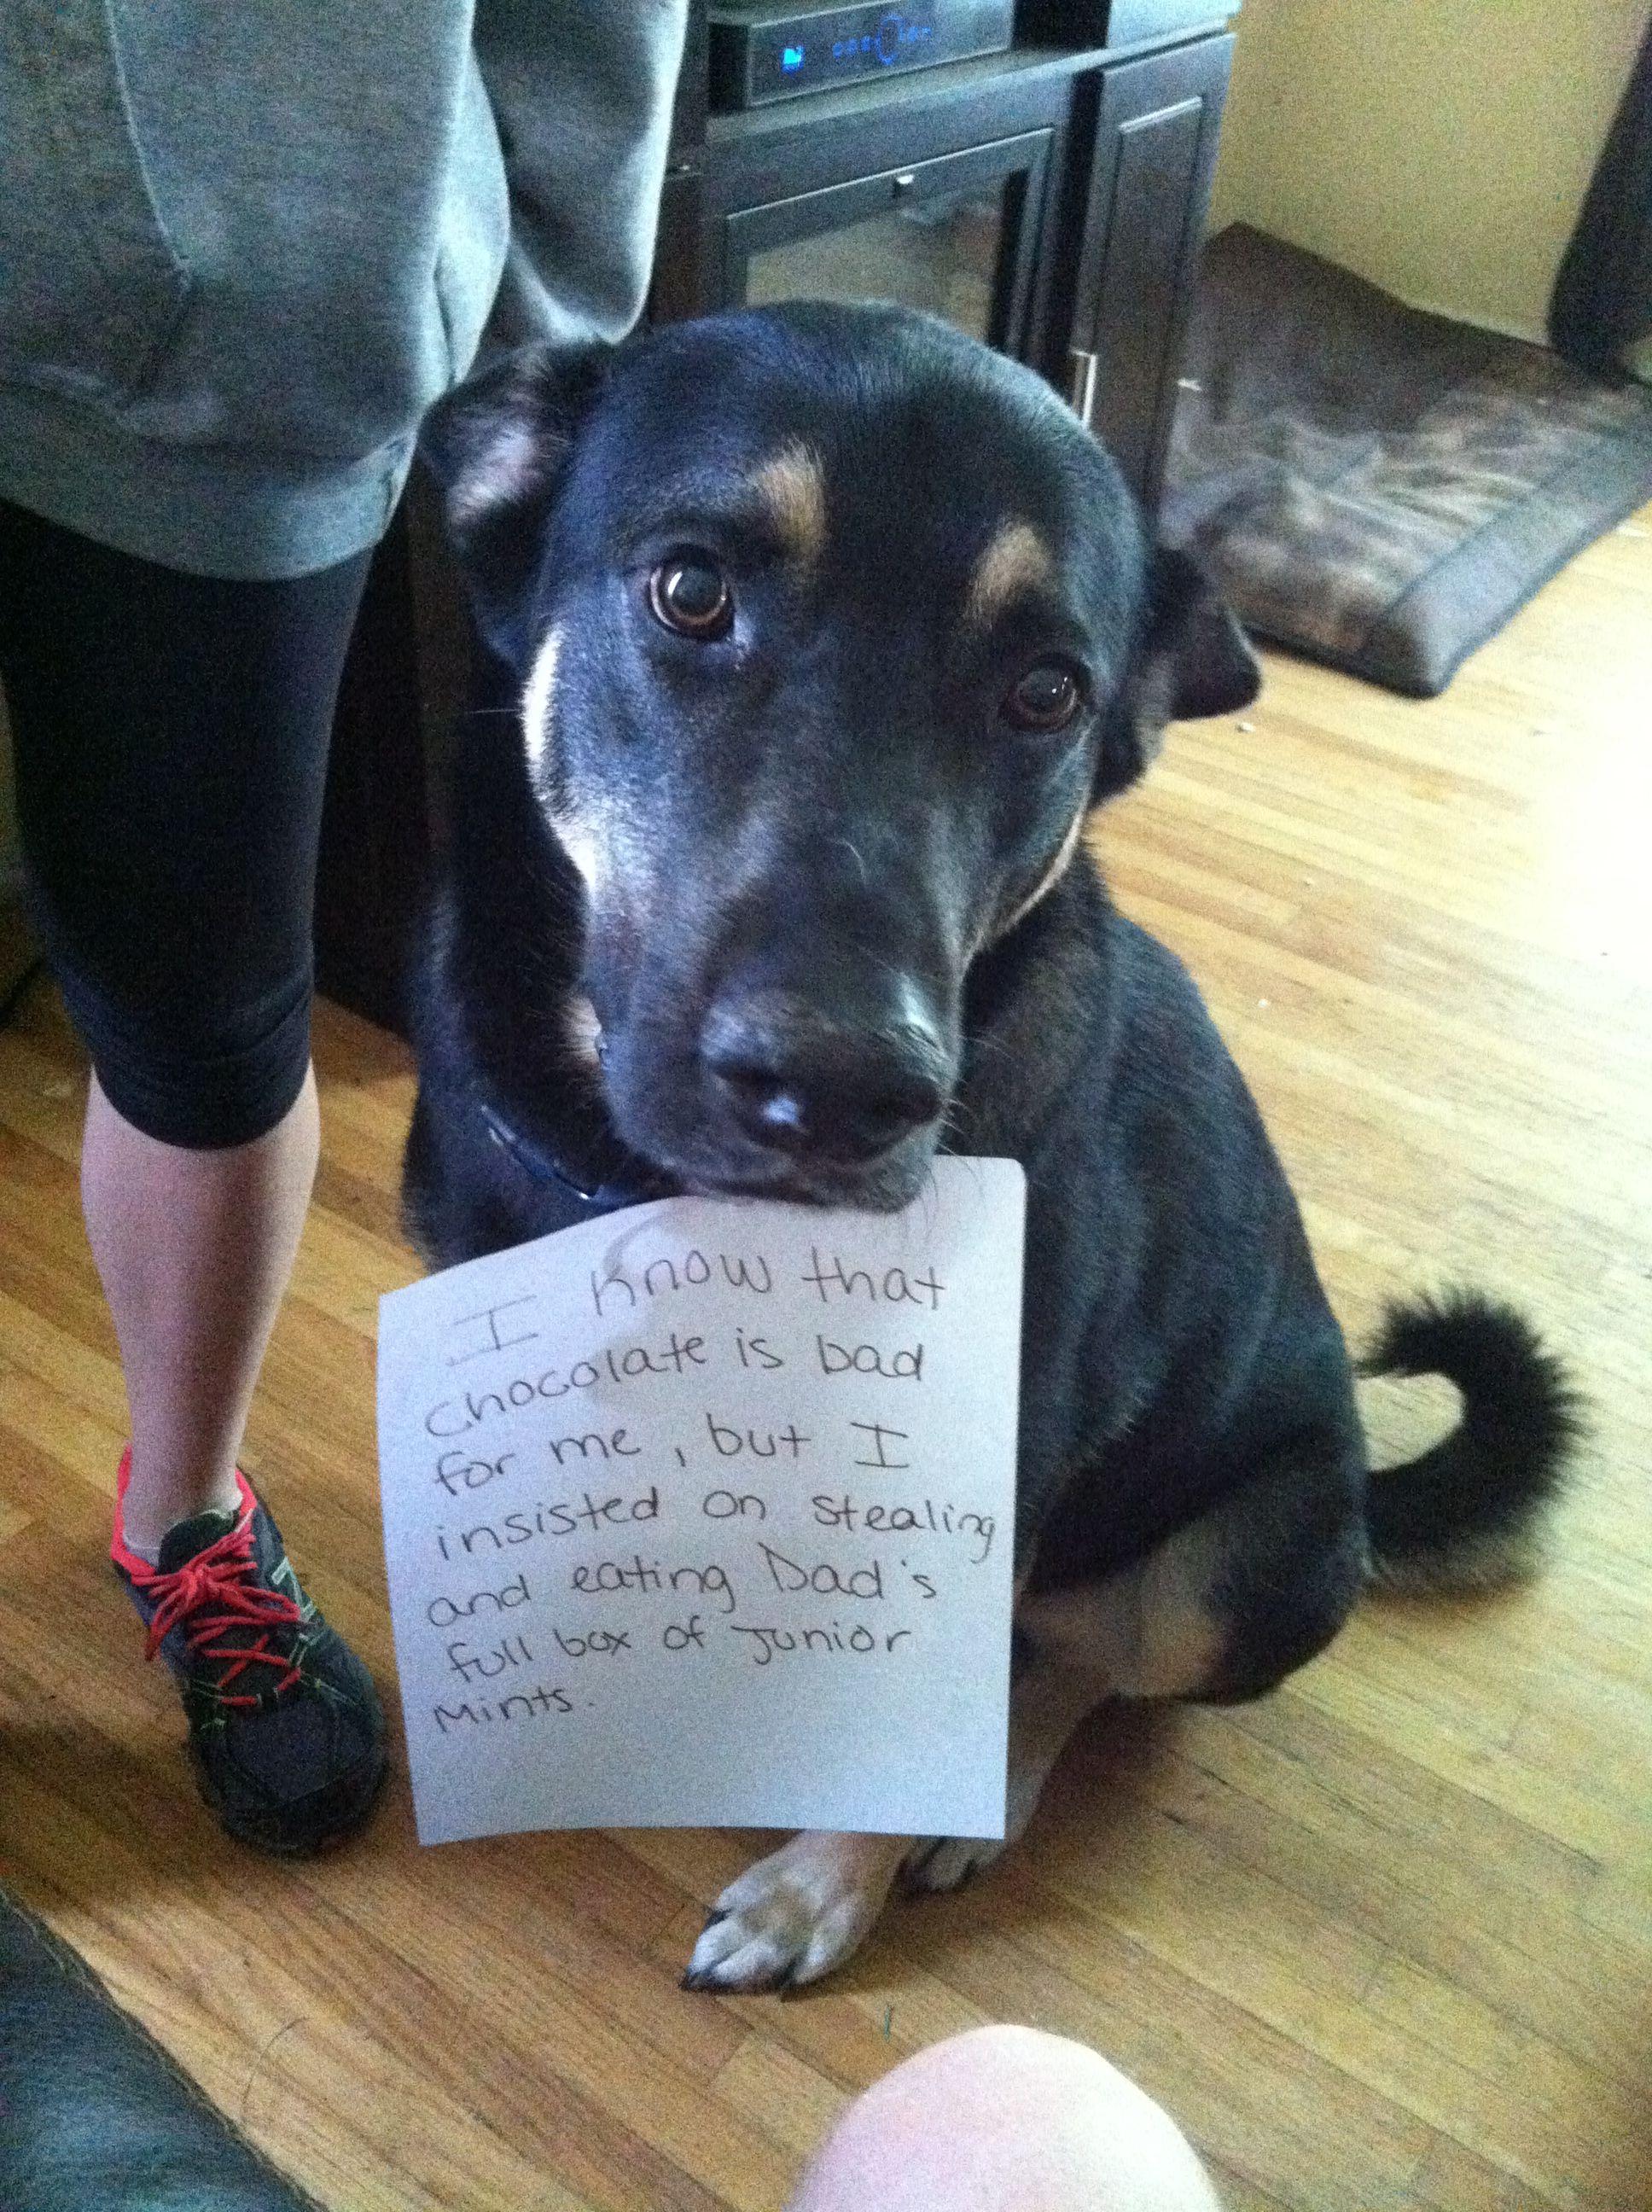 Dog shaming my poor Rambo